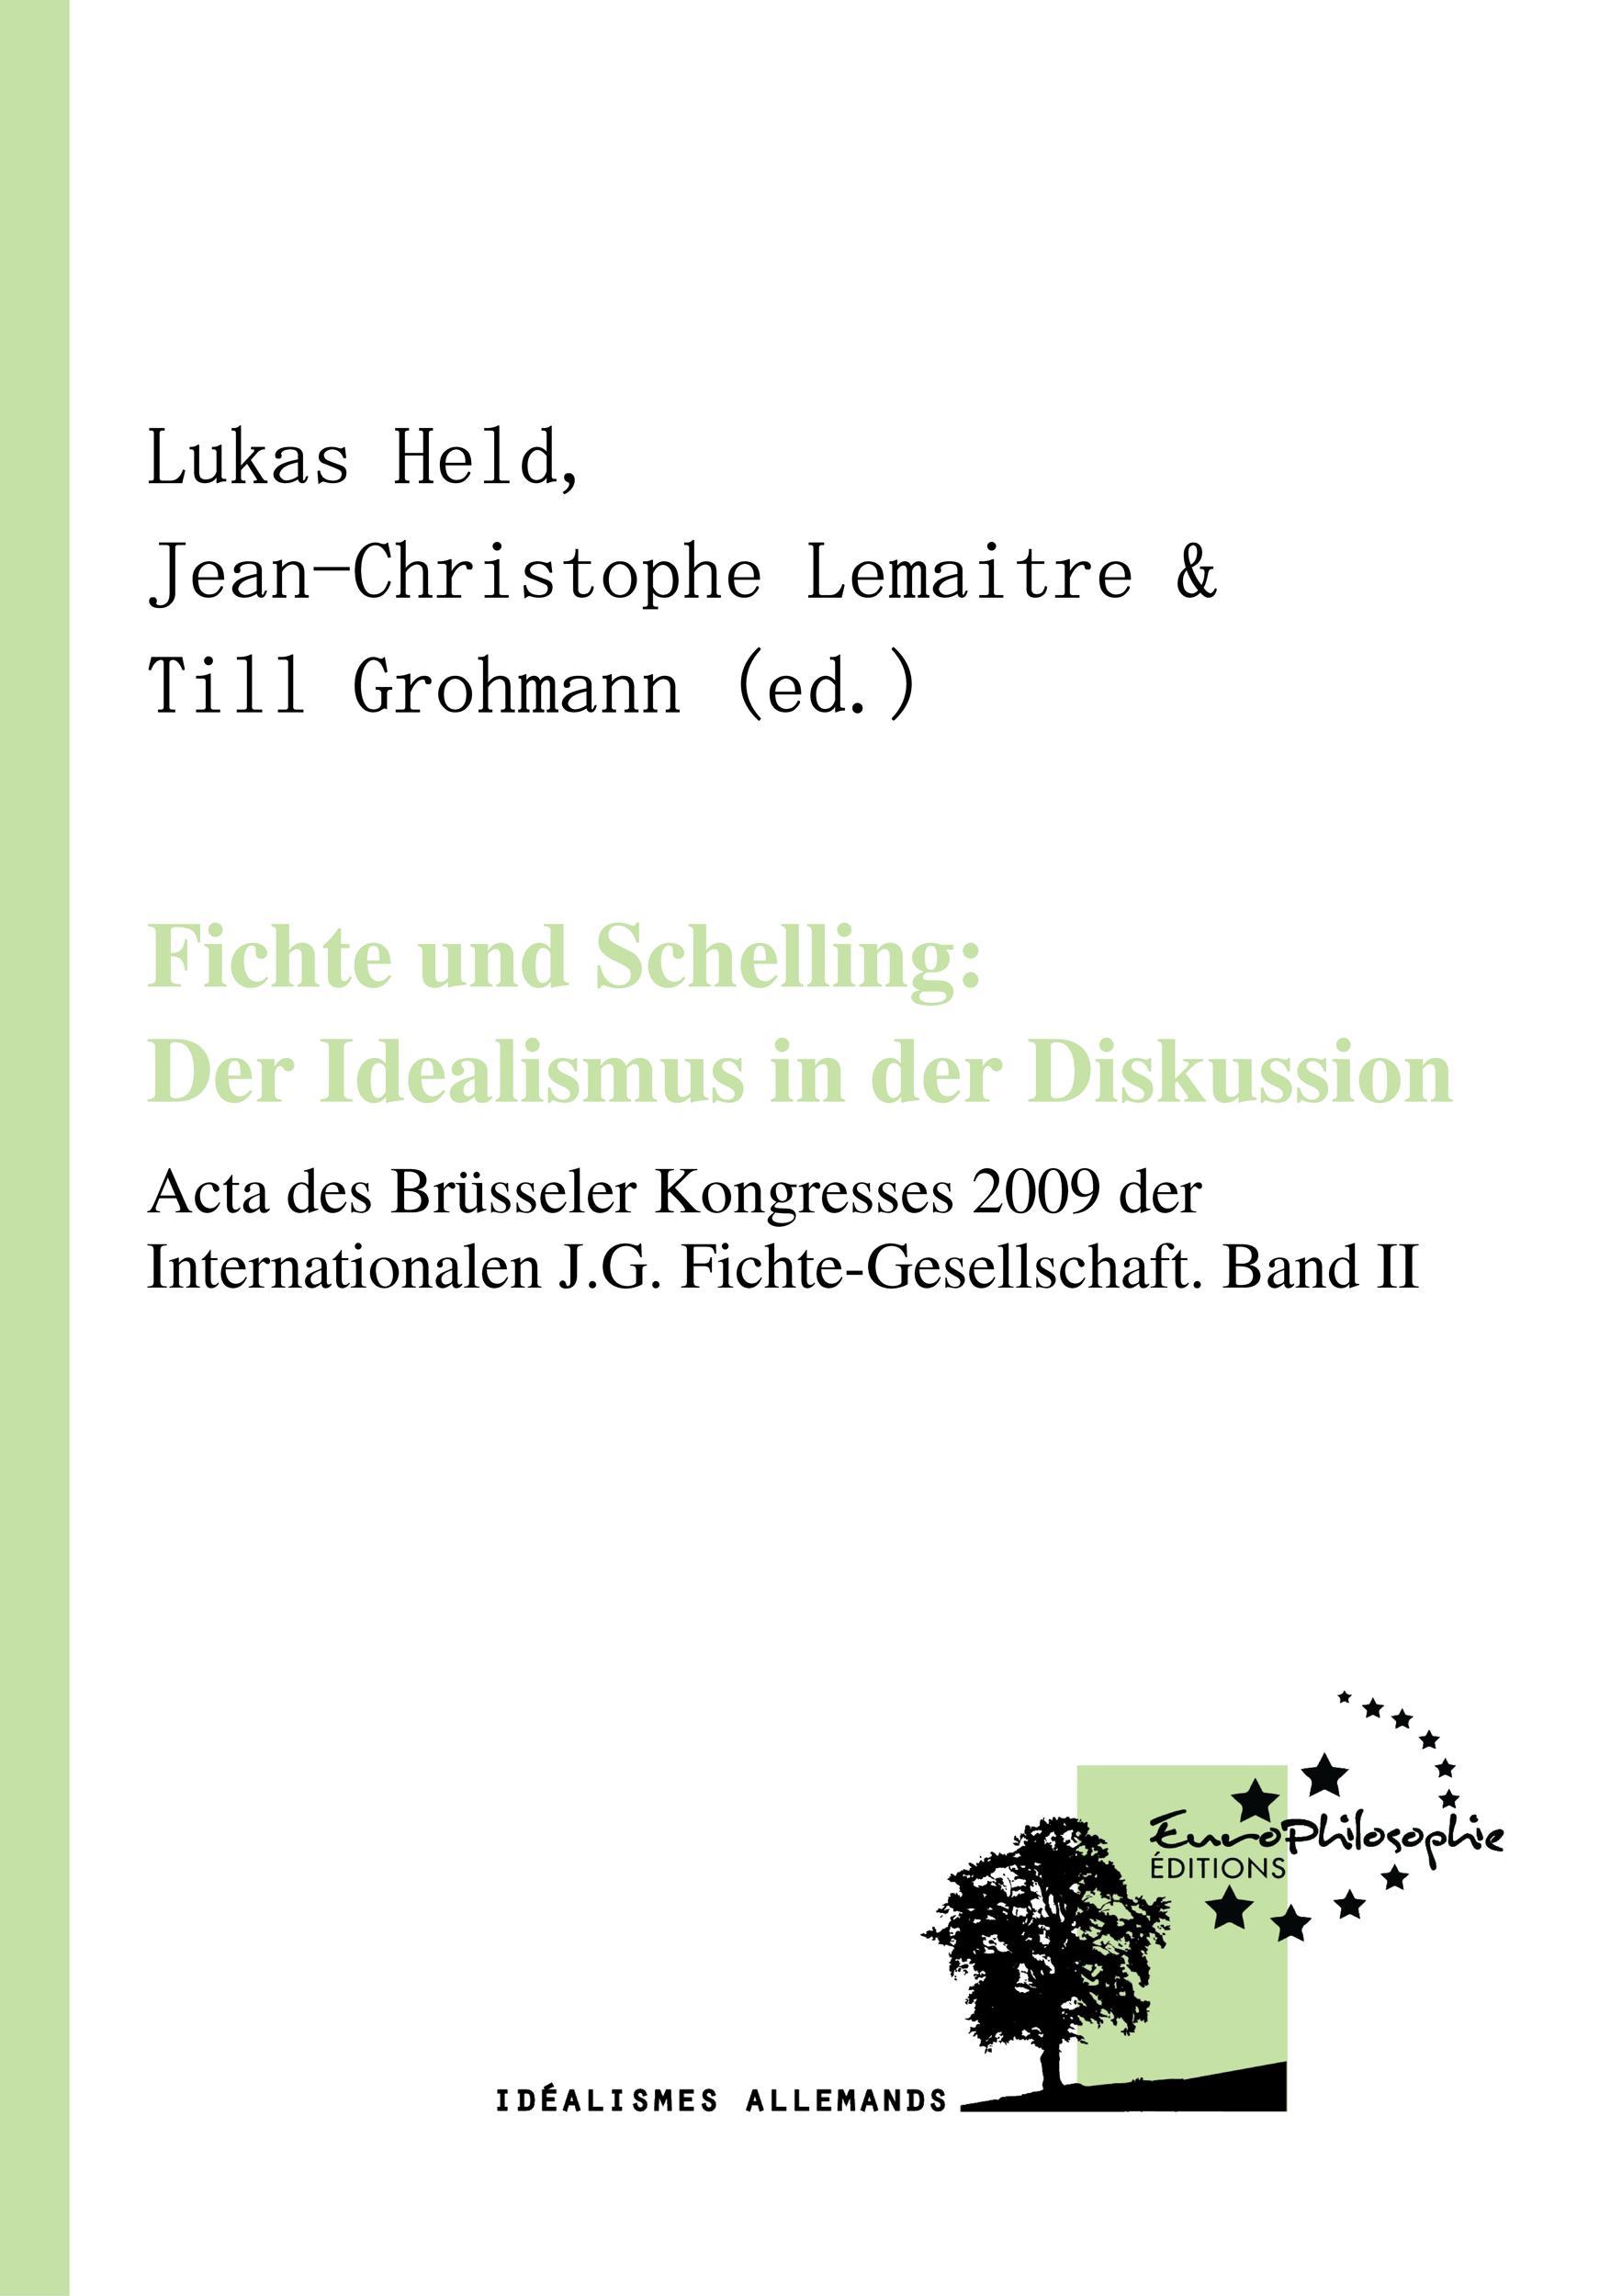 Fichte und Schelling: Der Idealismus in der Diskussion. Volume II, ACTA DES BRÜSSELER KONGRESSES 2009 DER INTERNATIONALEN J.G. FICHTE-GESELLSCHAFT